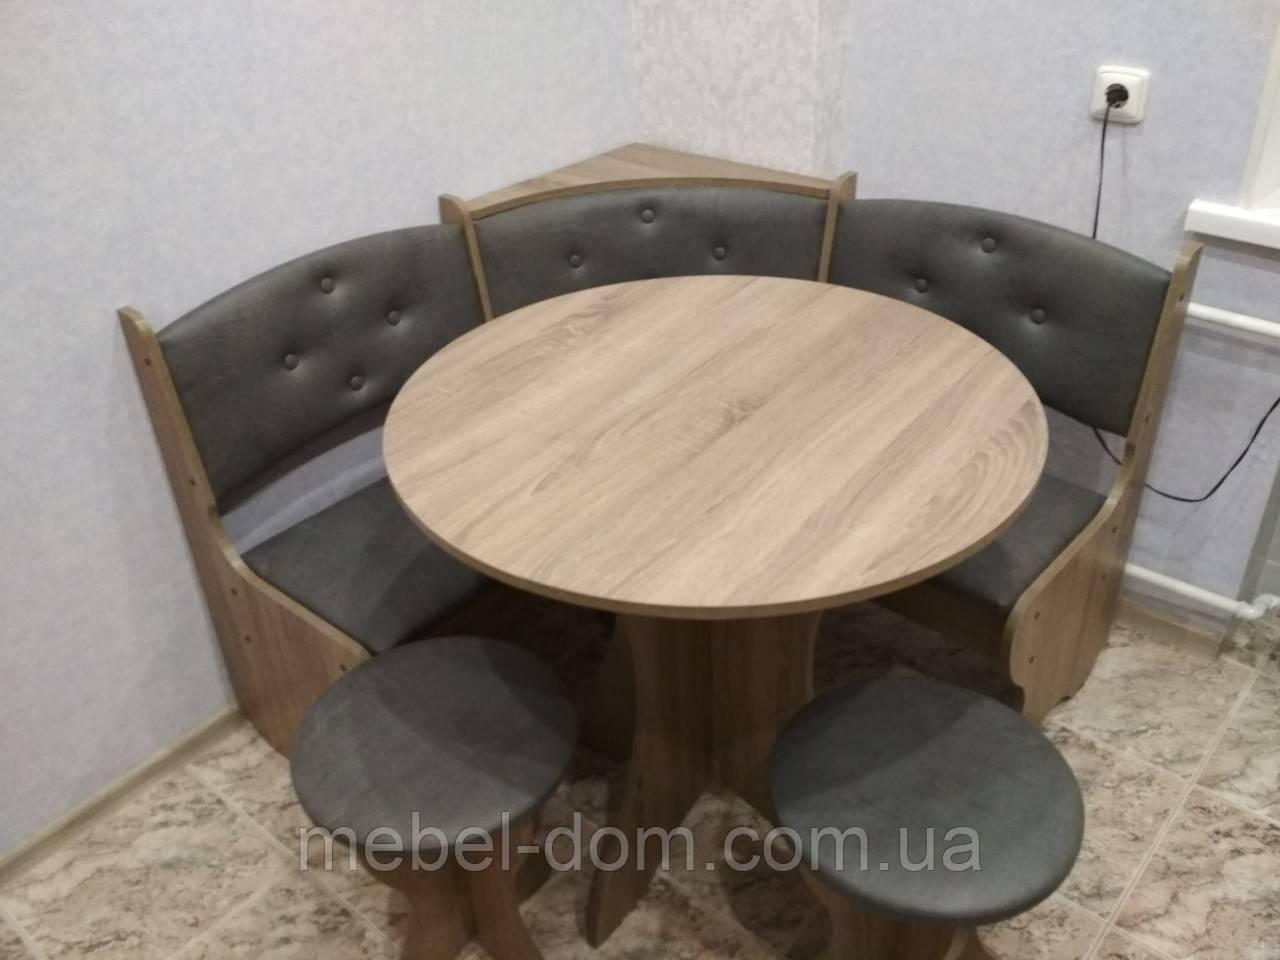 Кухонный мягкий уголок Боярин с круглым столом и двумя табуретами